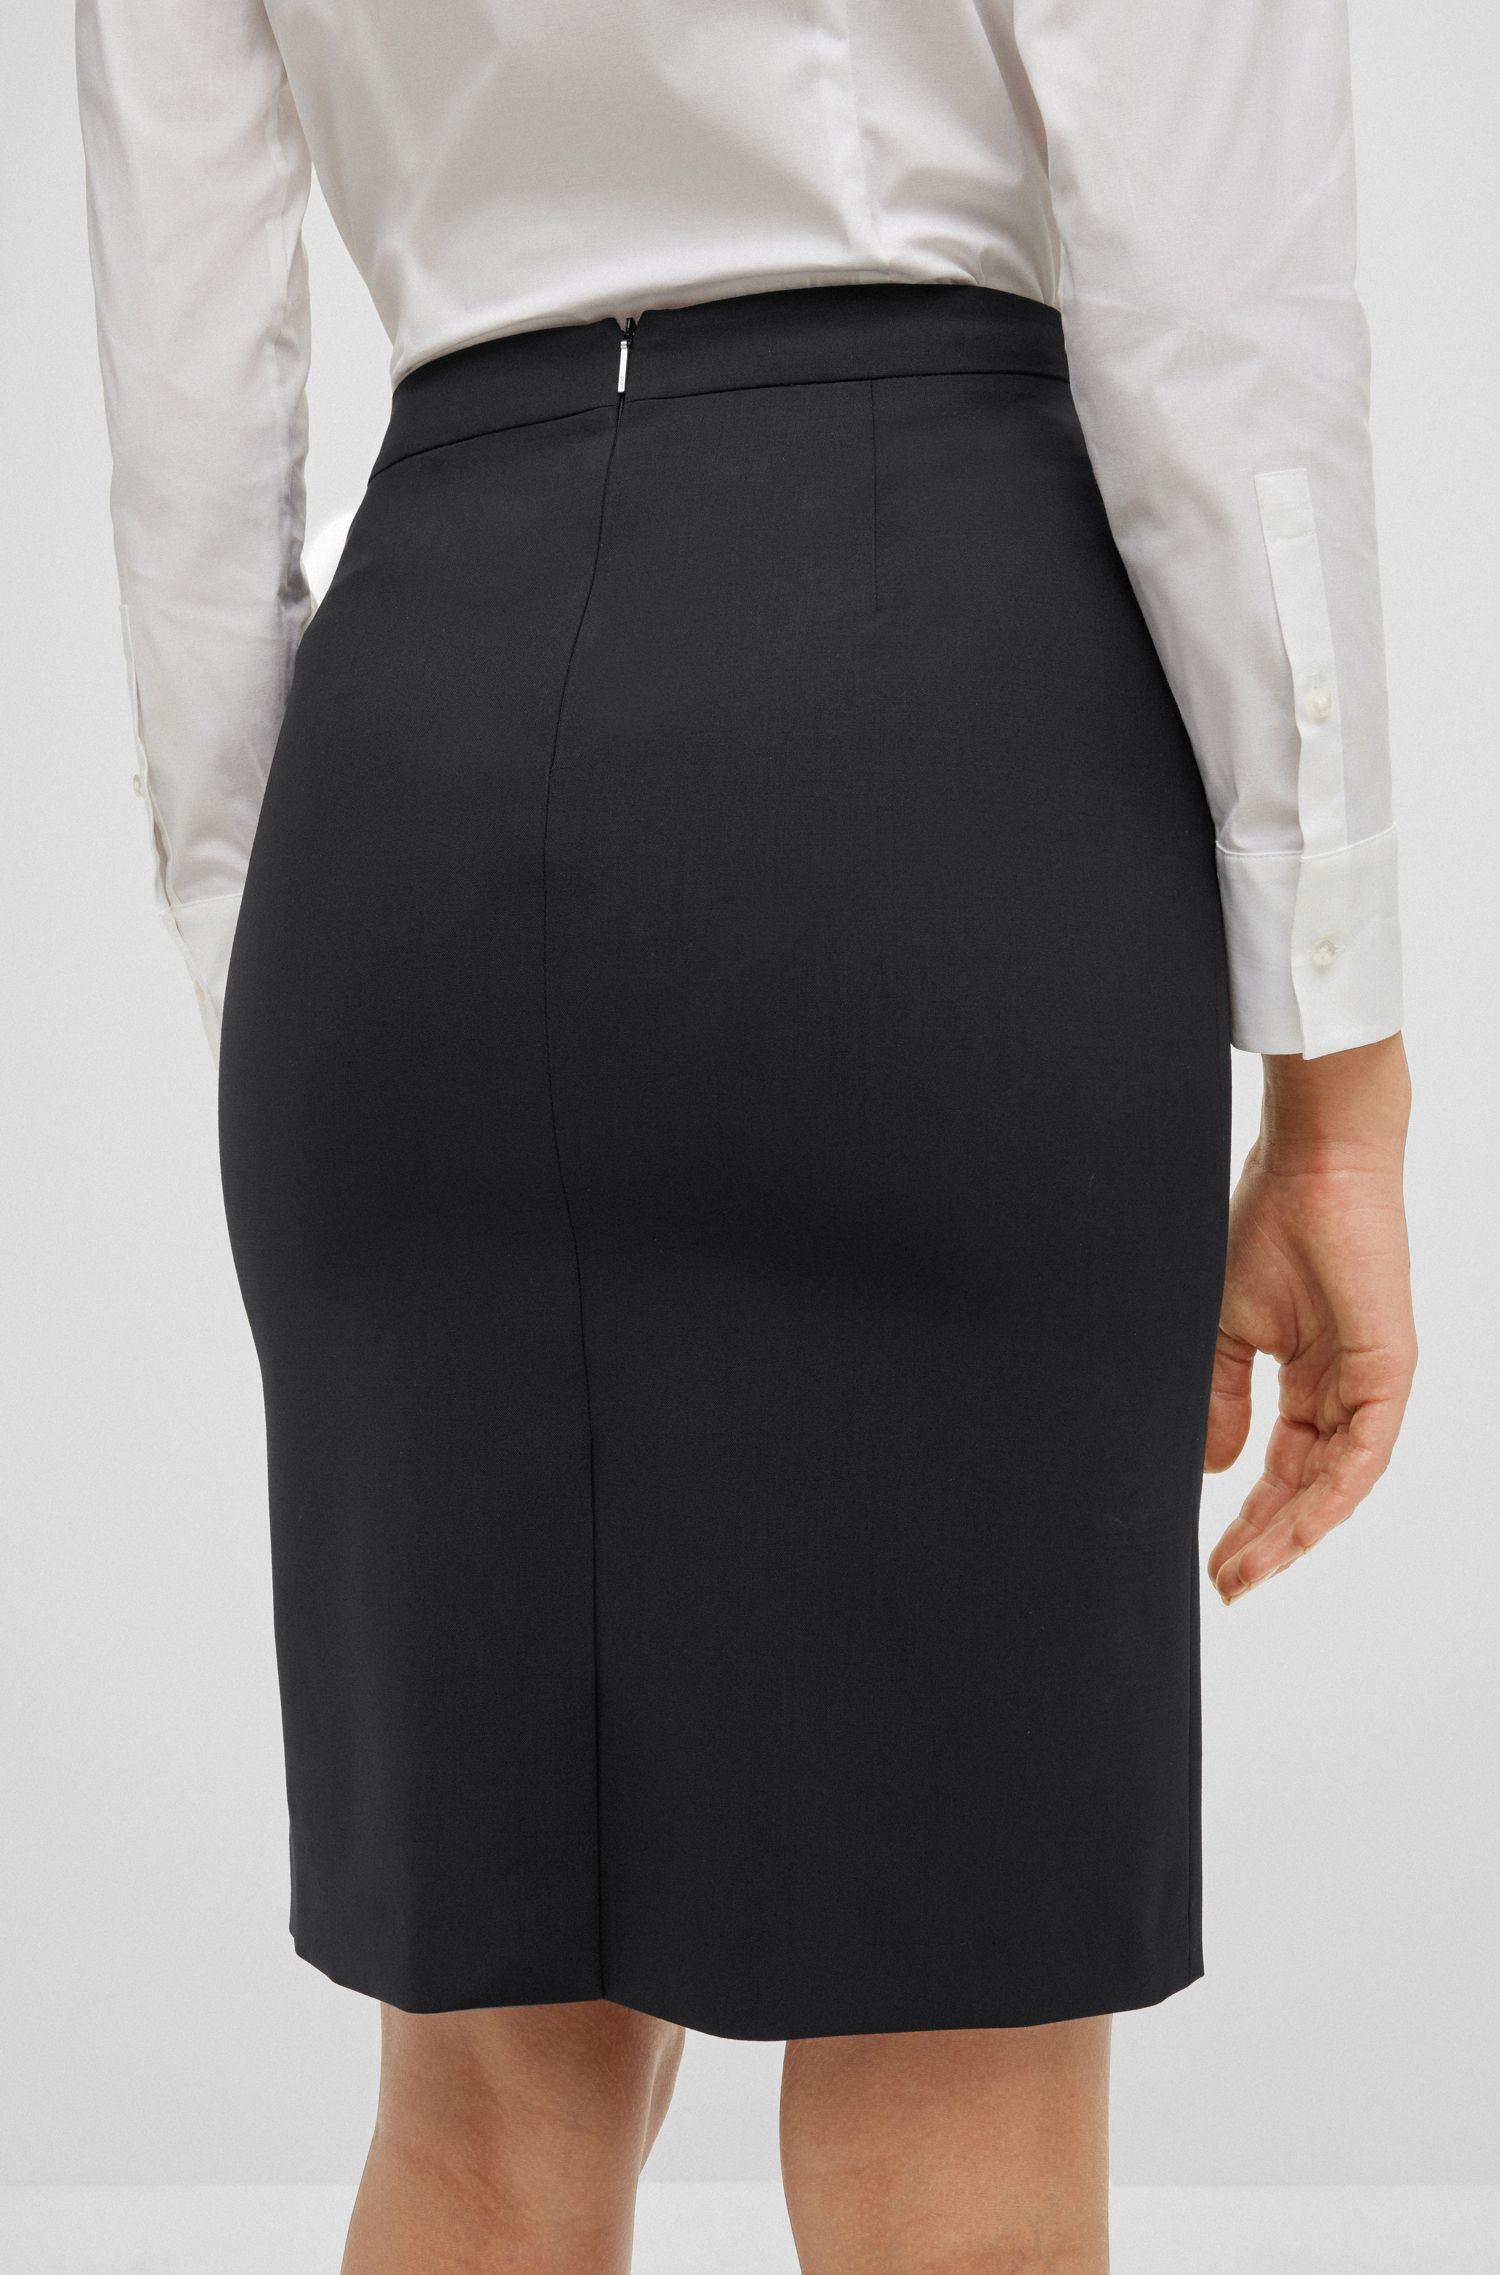 Stretch Virgin Wool Pencil Skirt | Vilea, Black